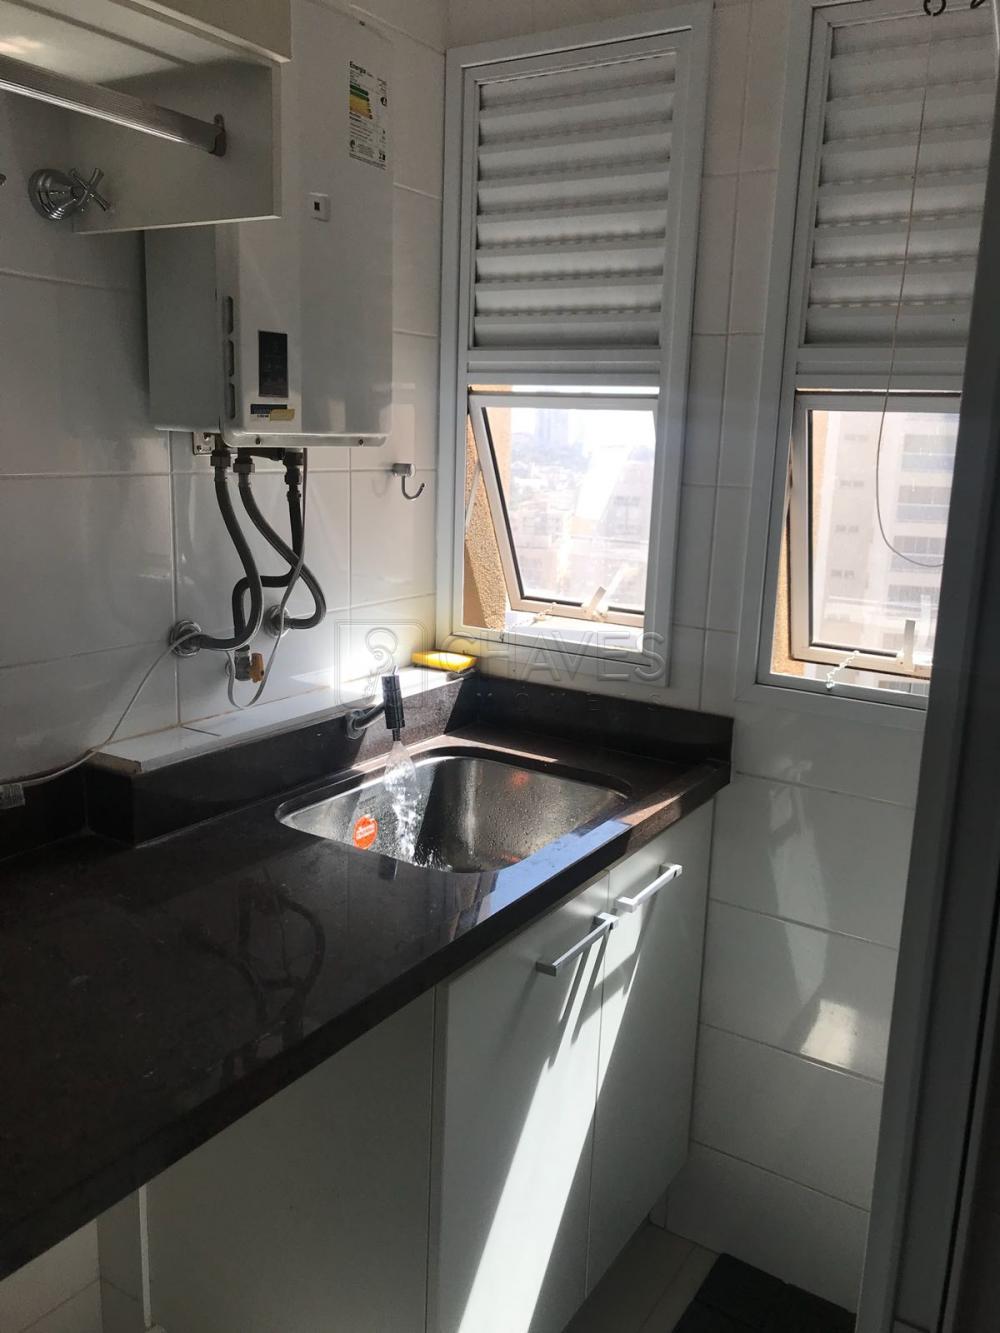 Comprar Apartamento / Padrão em Ribeirão Preto apenas R$ 720.000,00 - Foto 8